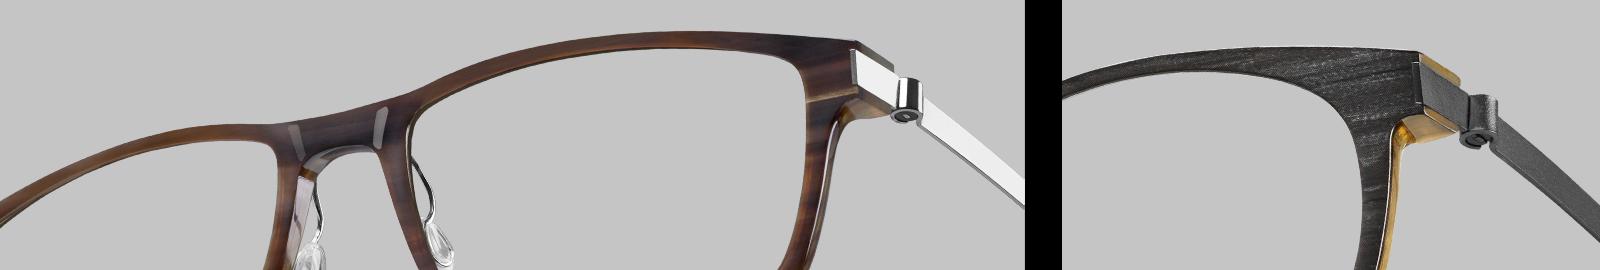 brille selber anpassen